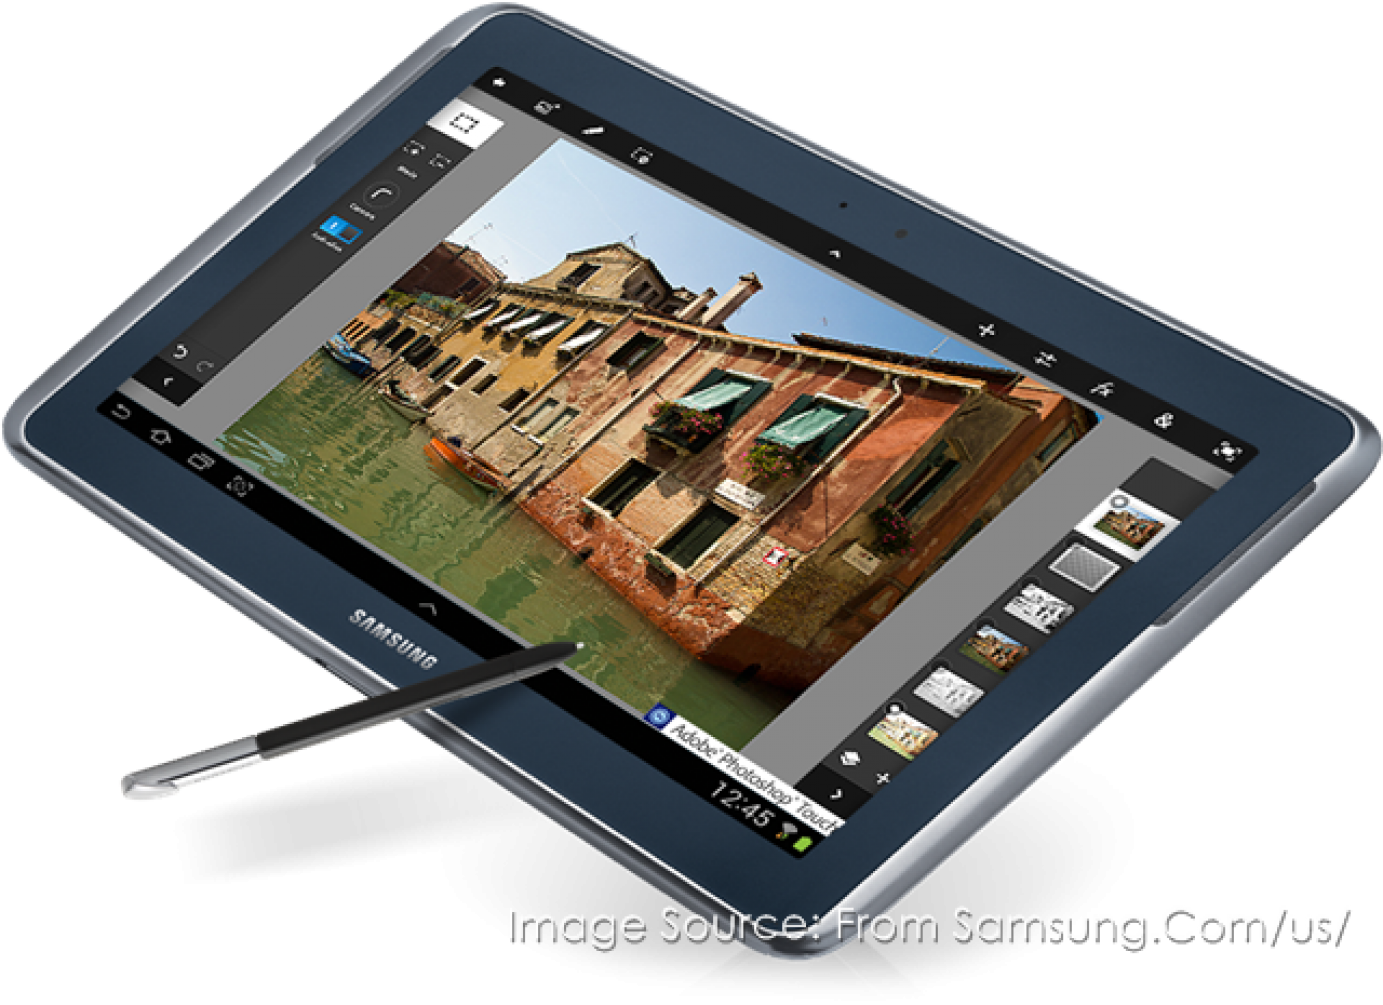 Semalam ku bermimpi, hari ni menjadi kenyataan – Gadjet Impian… Samsung Galaxy Note 10.1 kini dalam genggaman